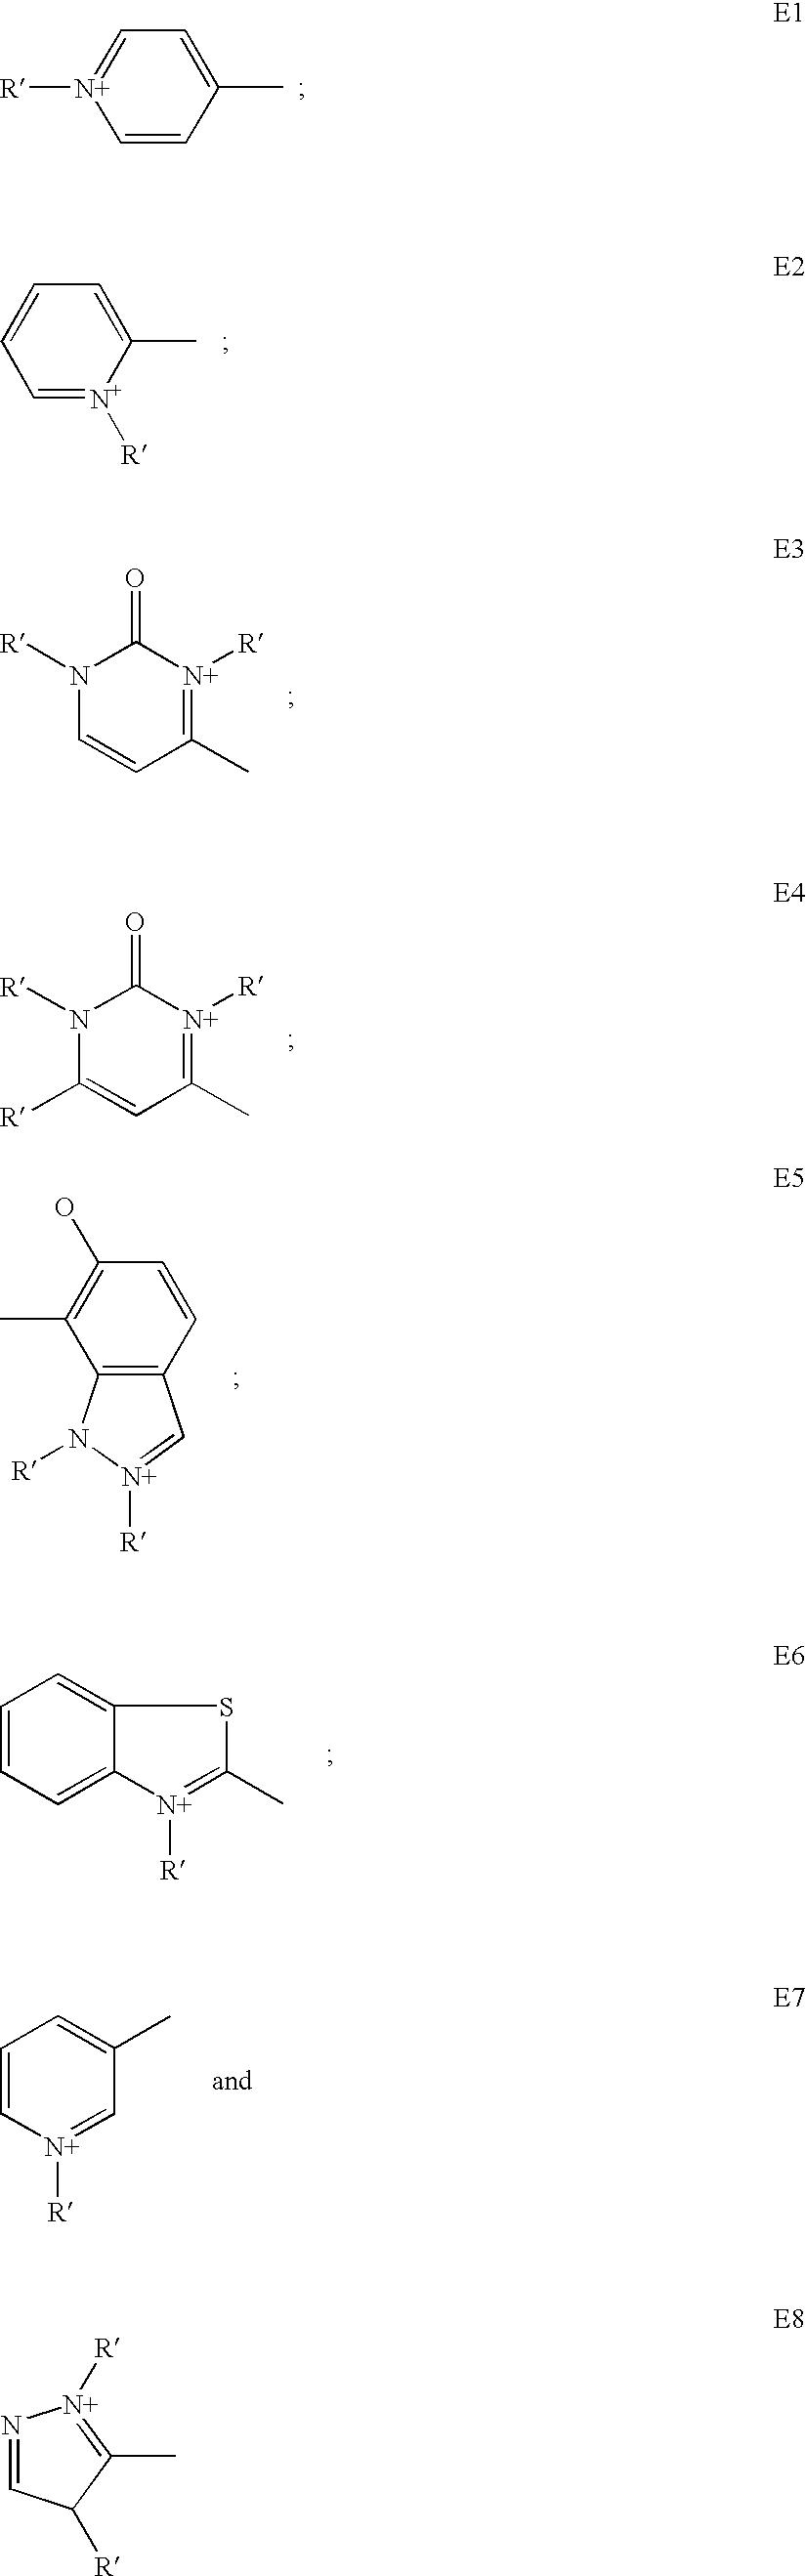 Figure US20040181883A1-20040923-C00041